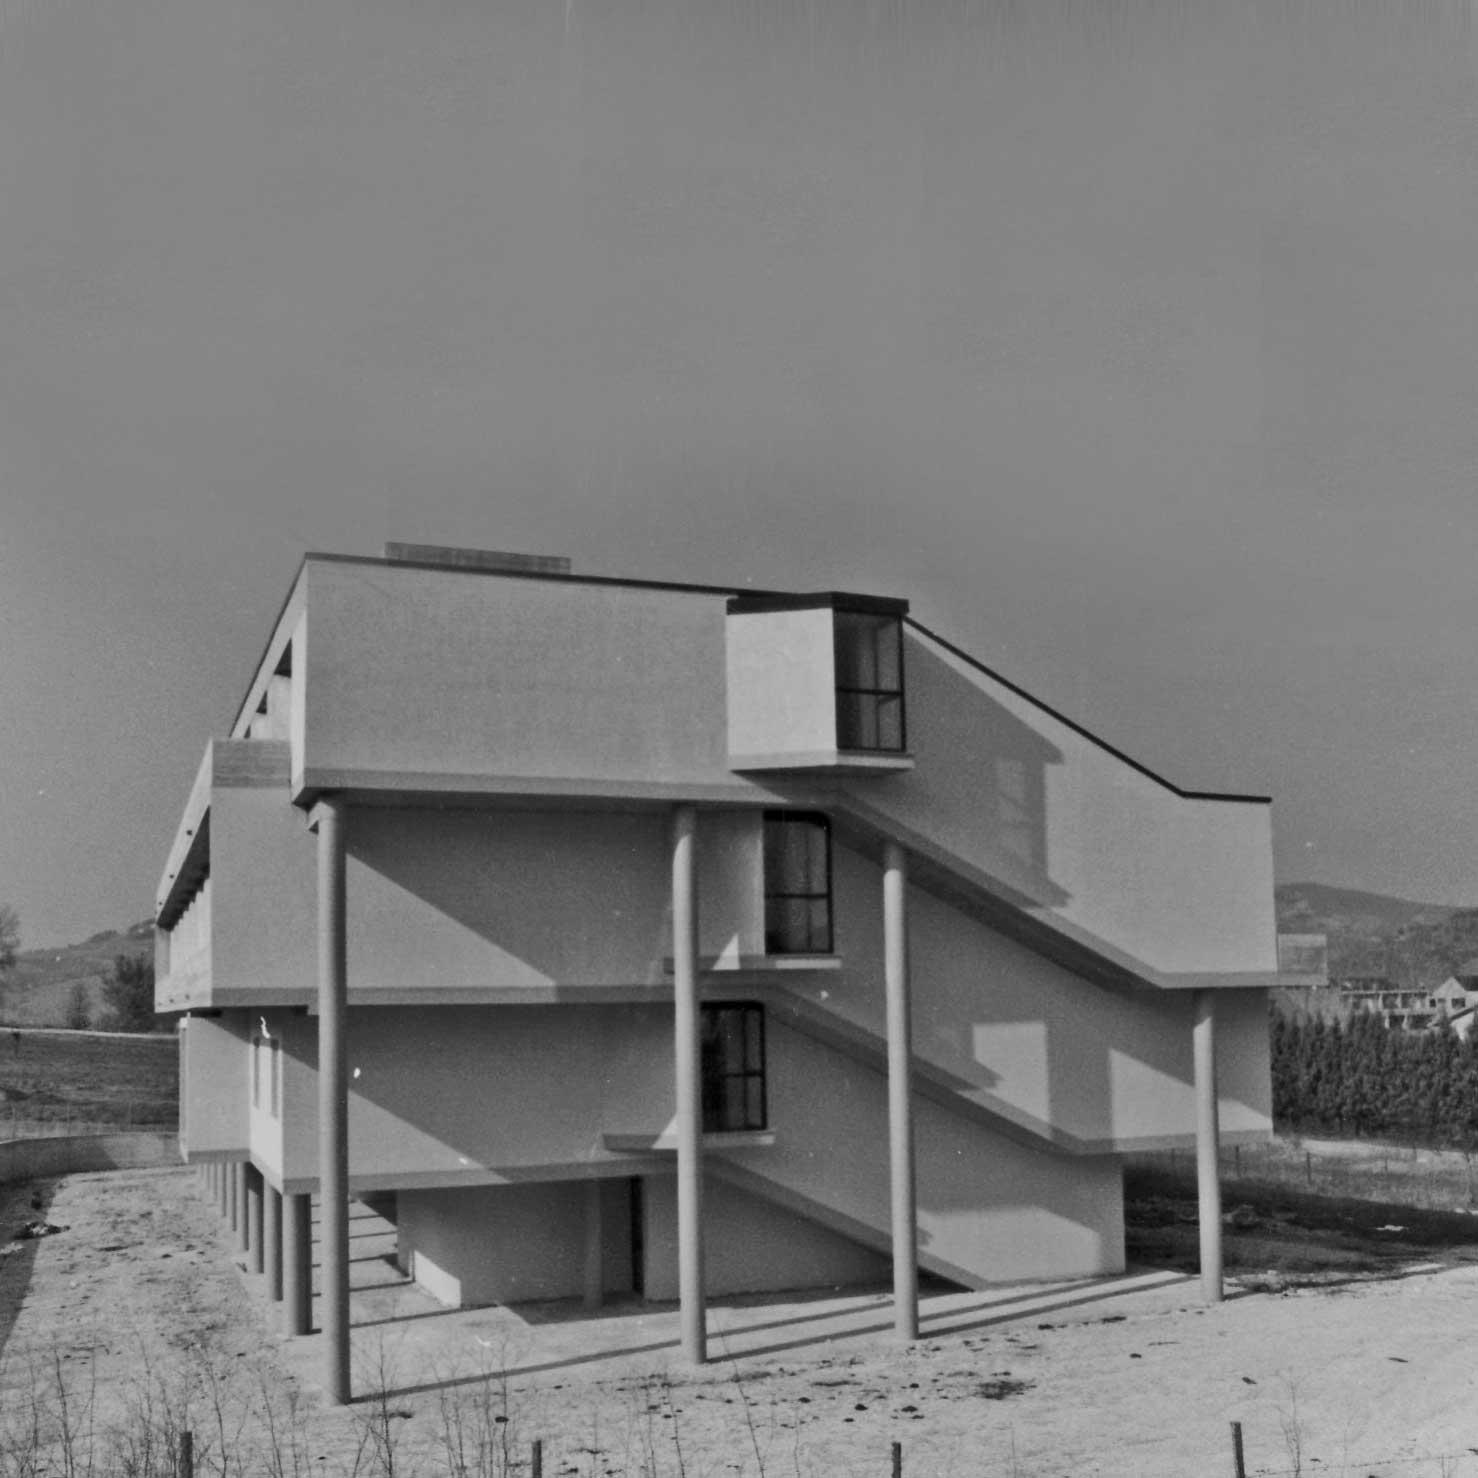 5 - Casa di riposo per anziani a S. Angelo in Vado (PU), per Amm.ne comunale - Vista esterna